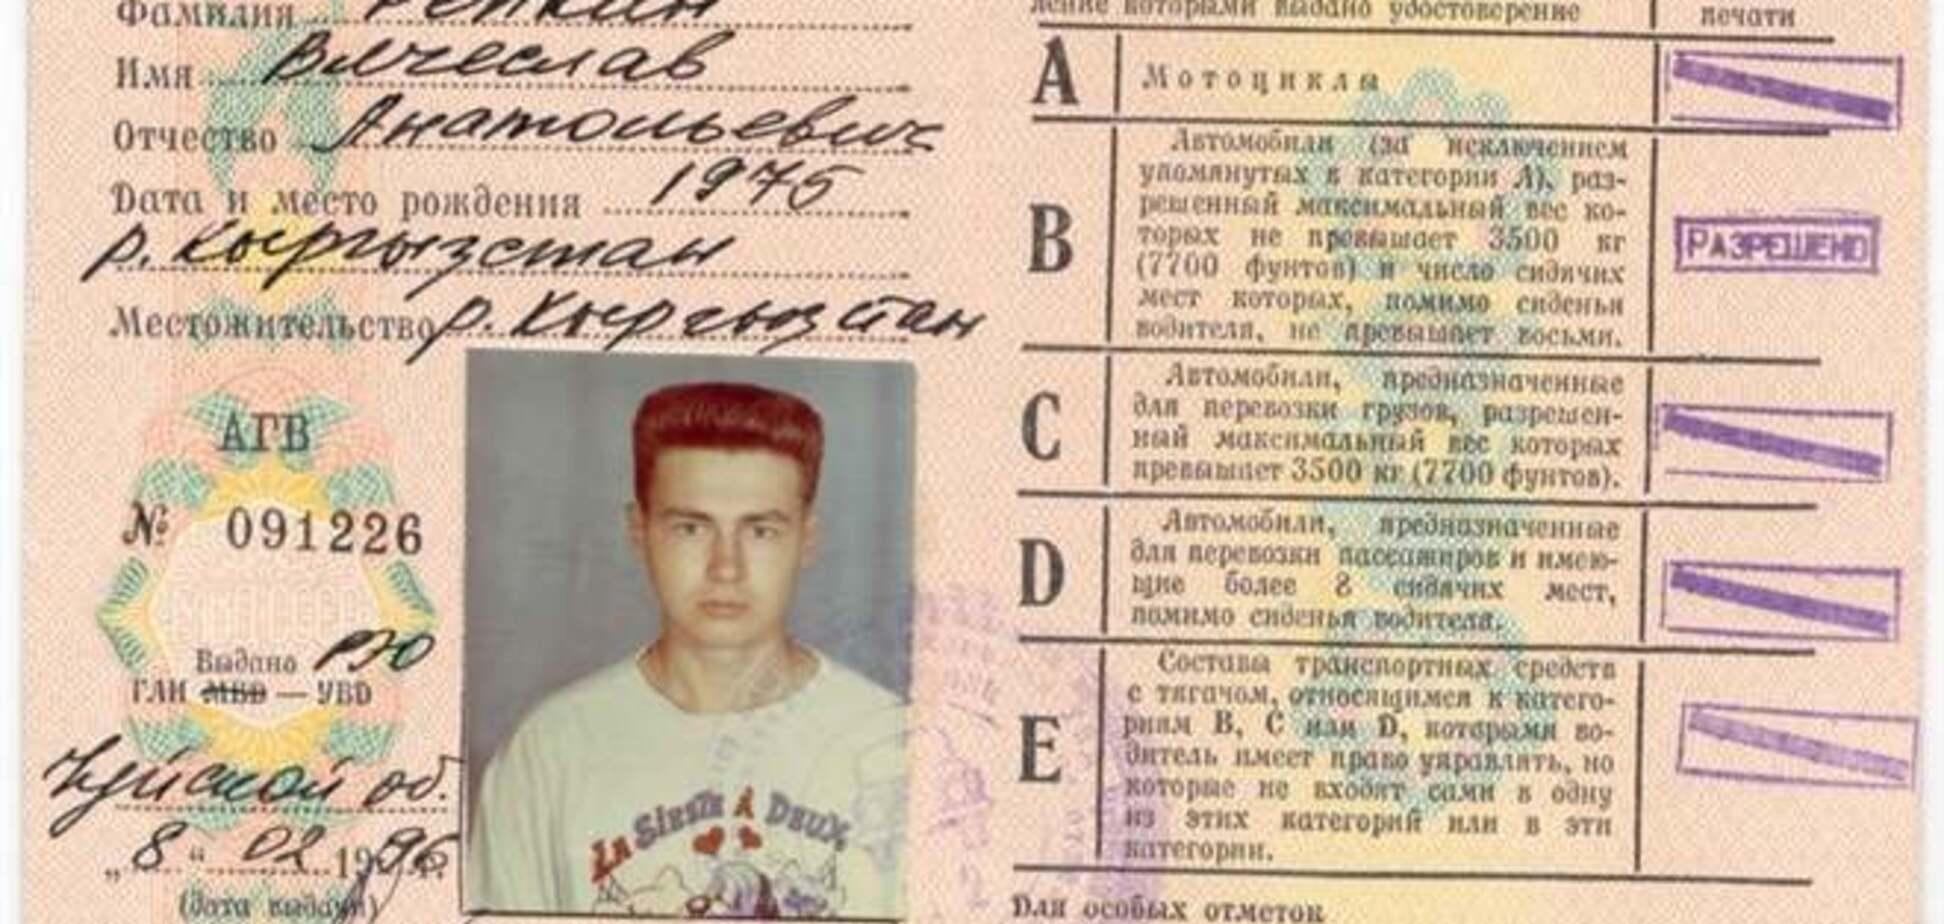 Рада разрешила водителям ездить с правами, выданными в СССР